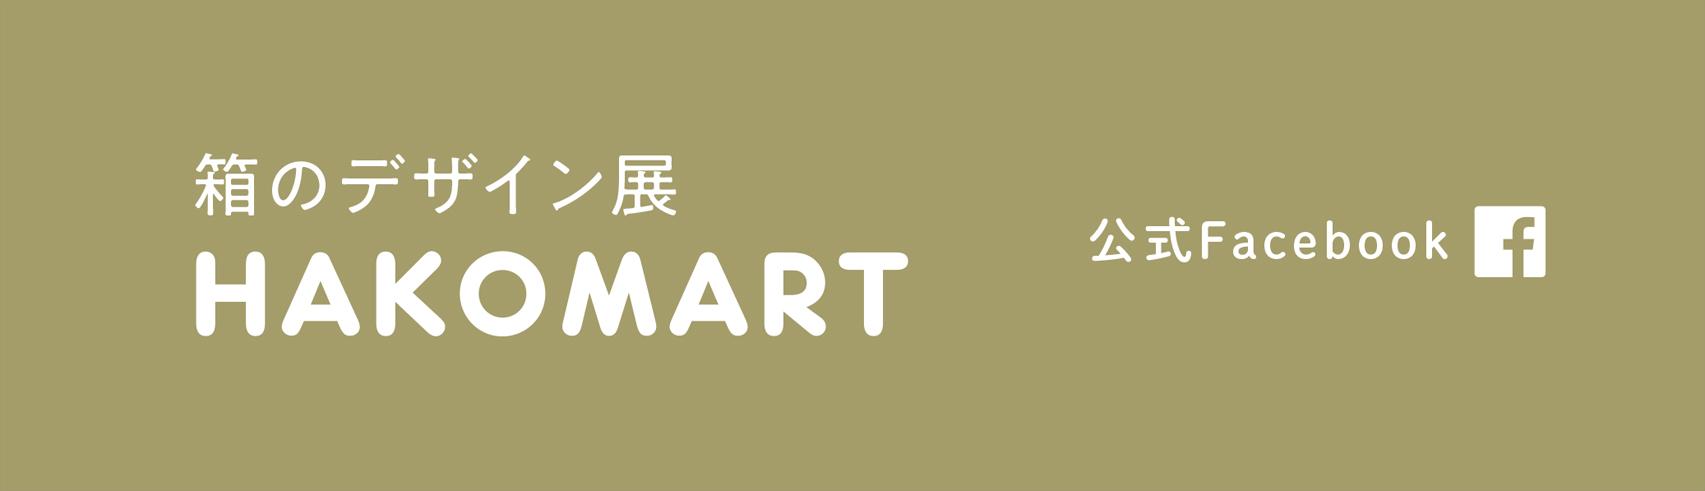 箱のデザイン展 HAKOMART 公式Facebook